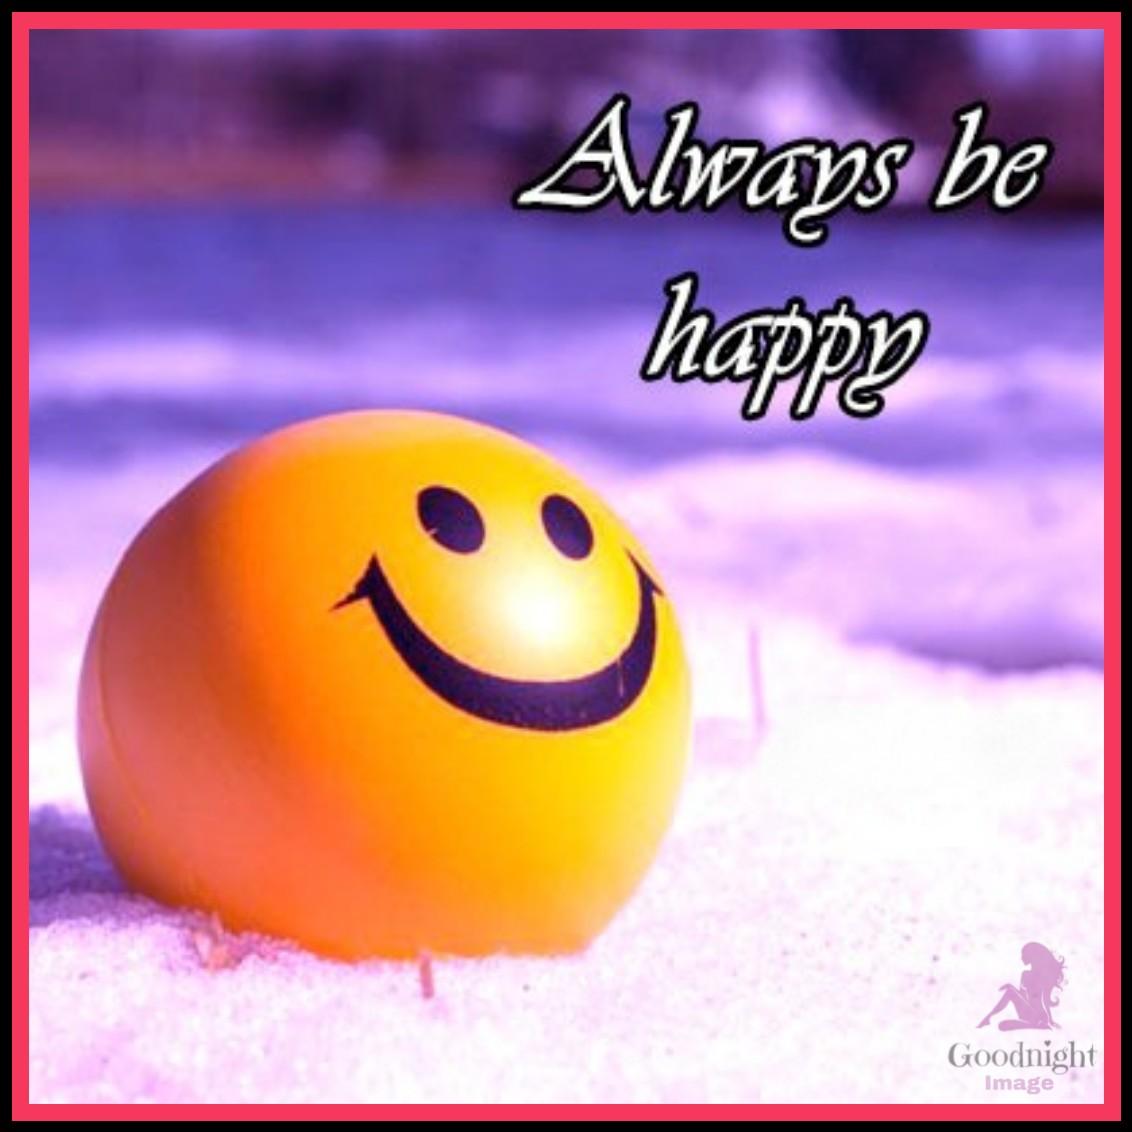 always be happy dp